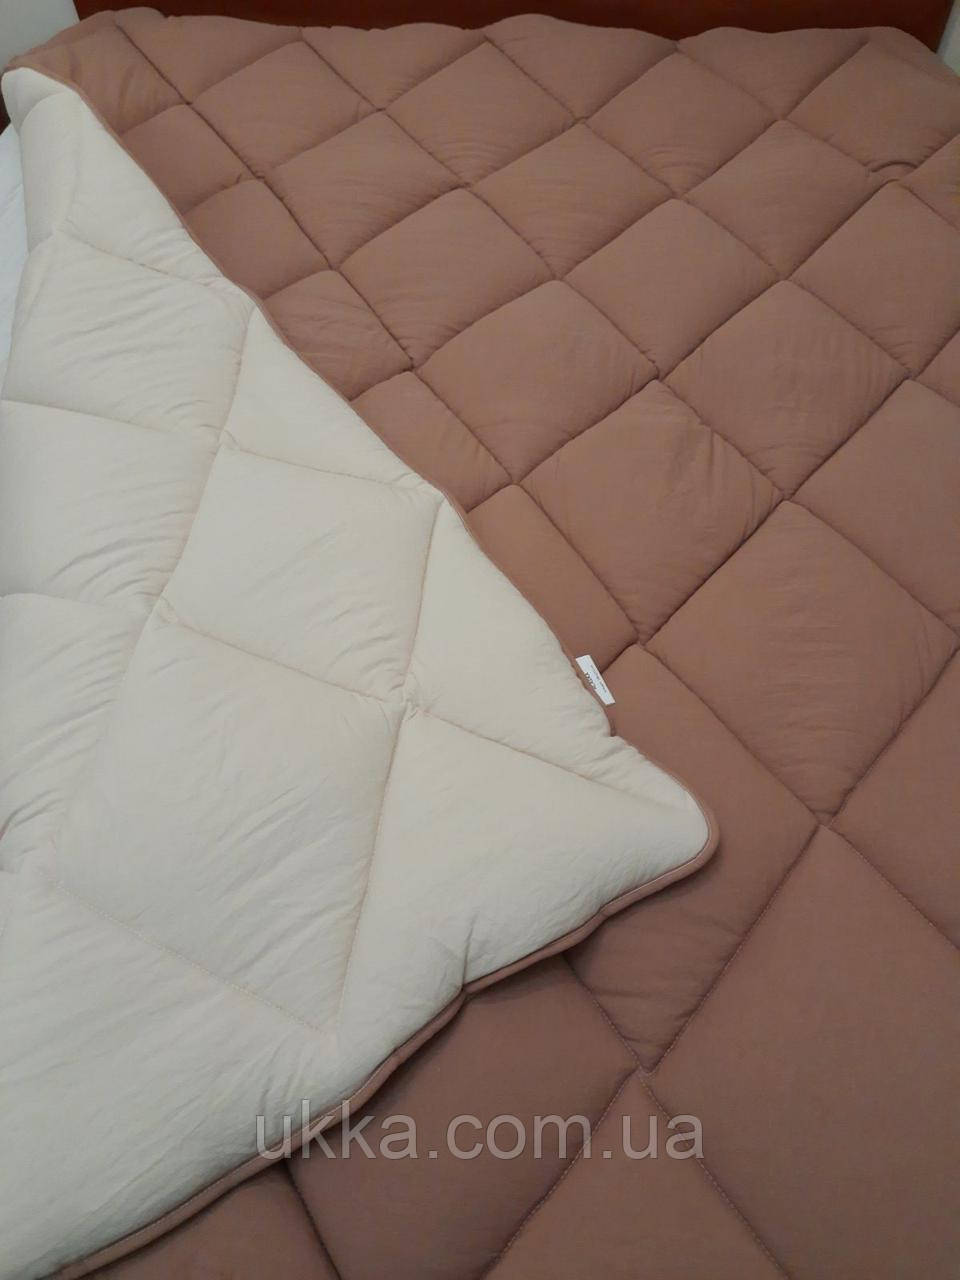 Двуспальное одеяло Аляска Washed Cotton Теп